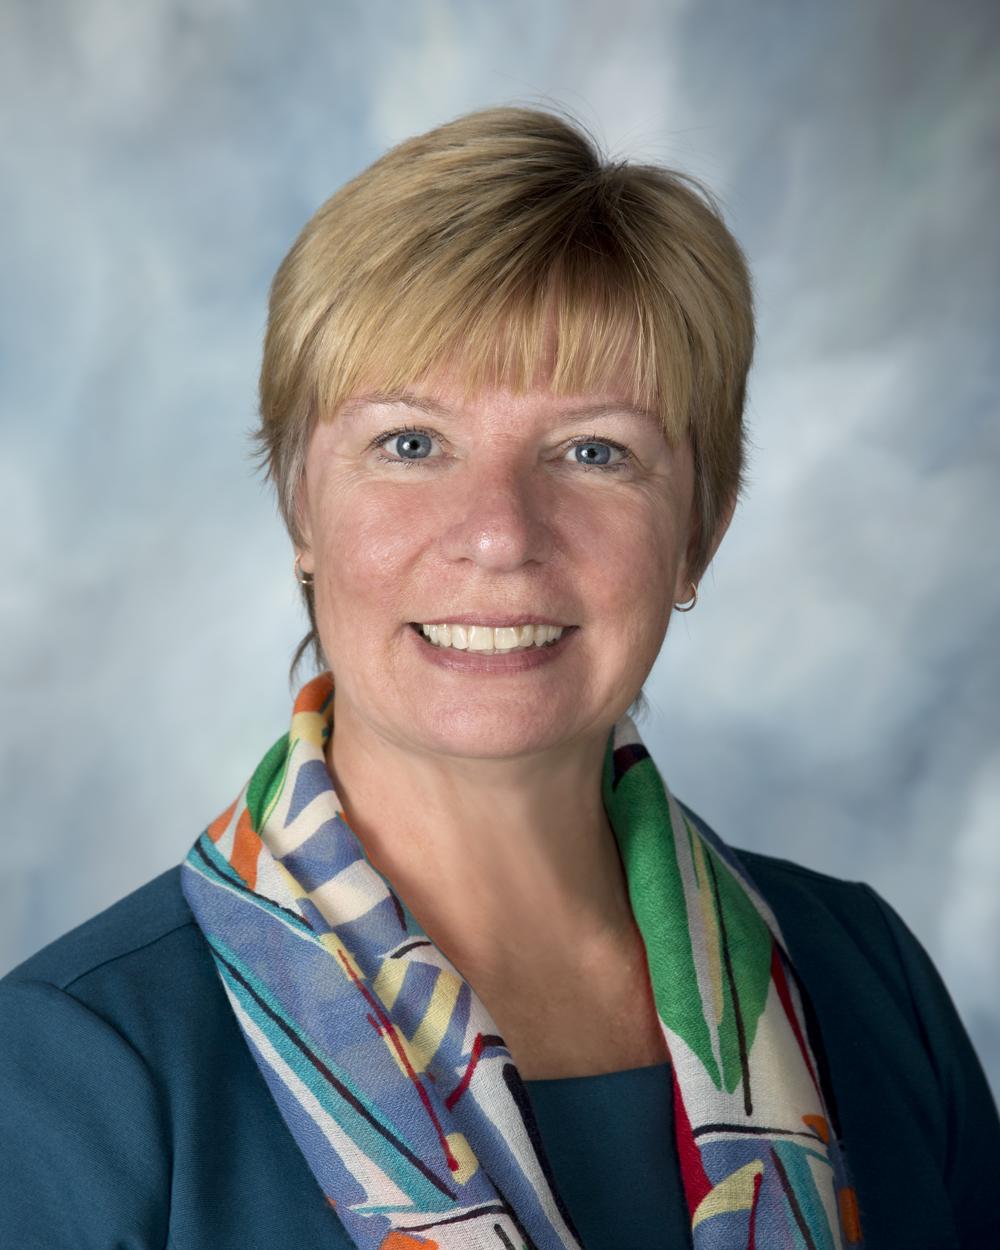 Mrs. Marie Pindara